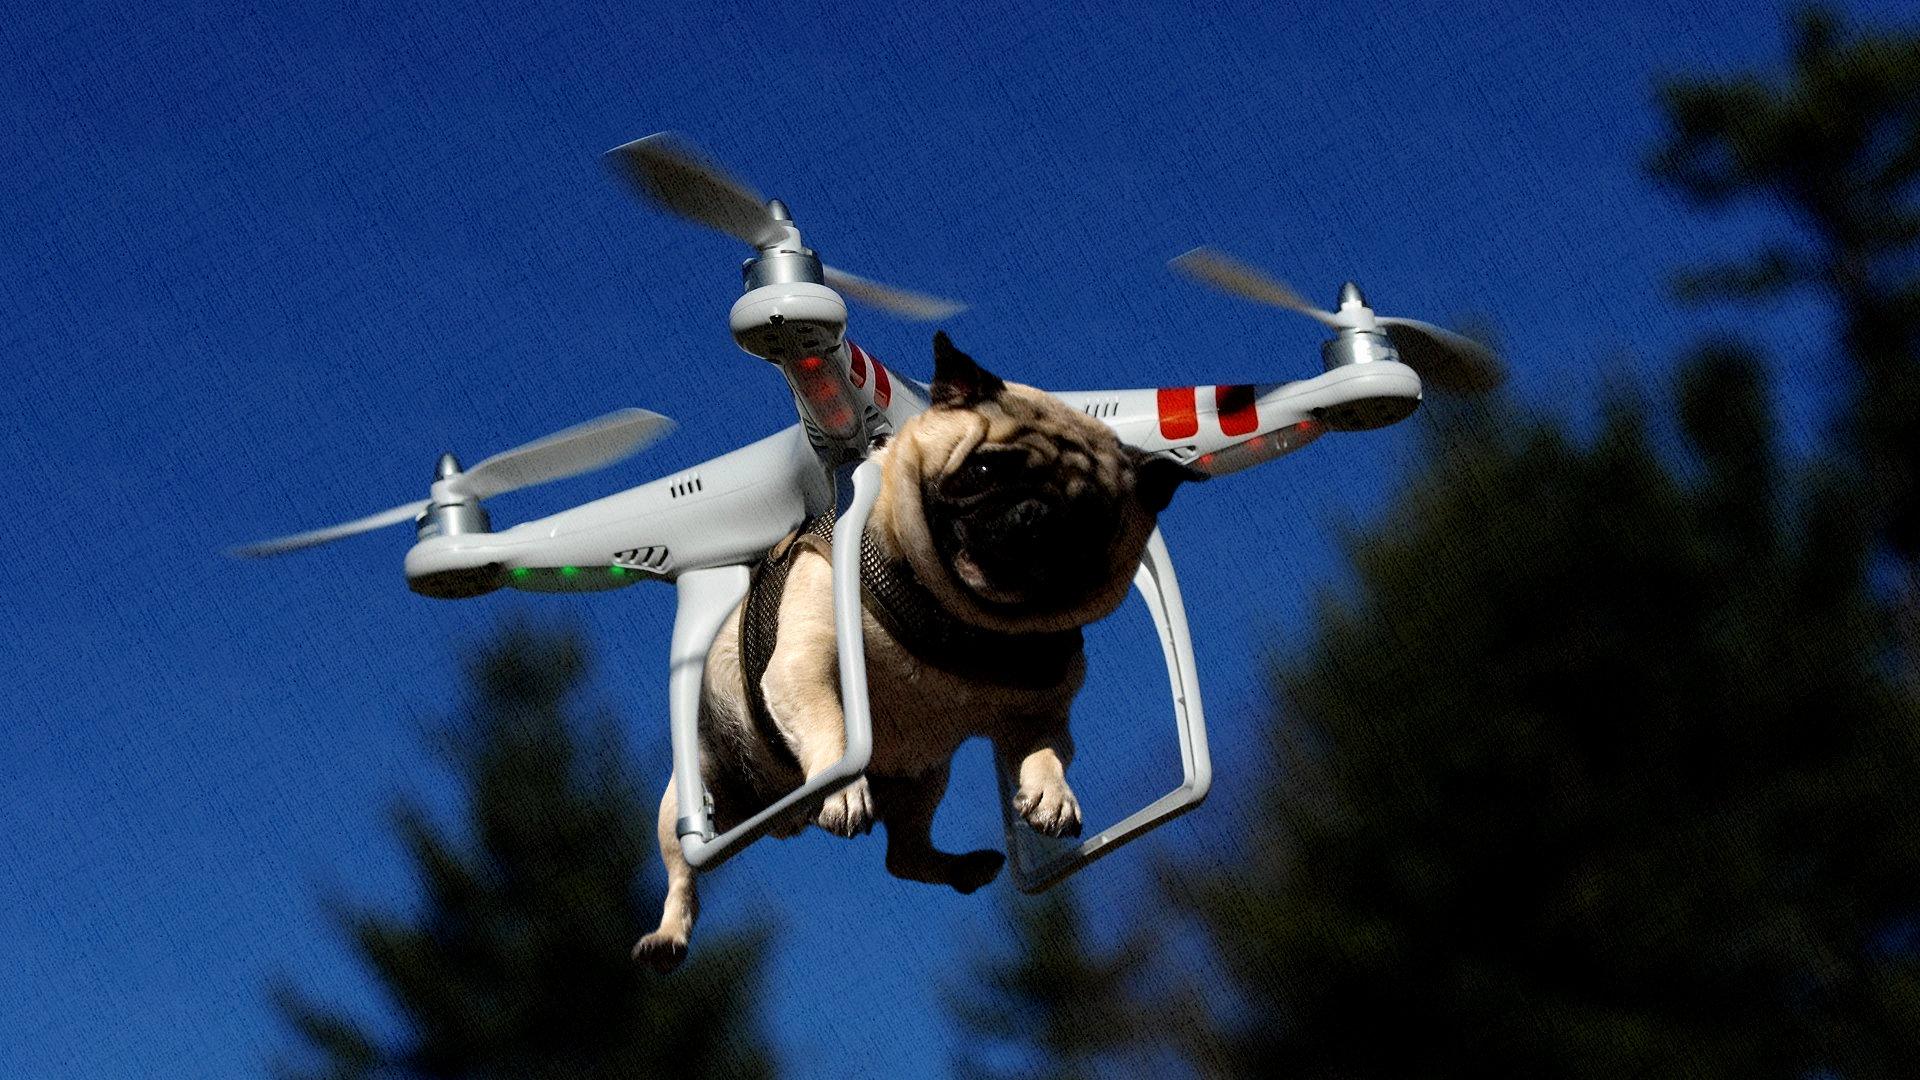 летающая собака на самом деле летает на квадрокоптере